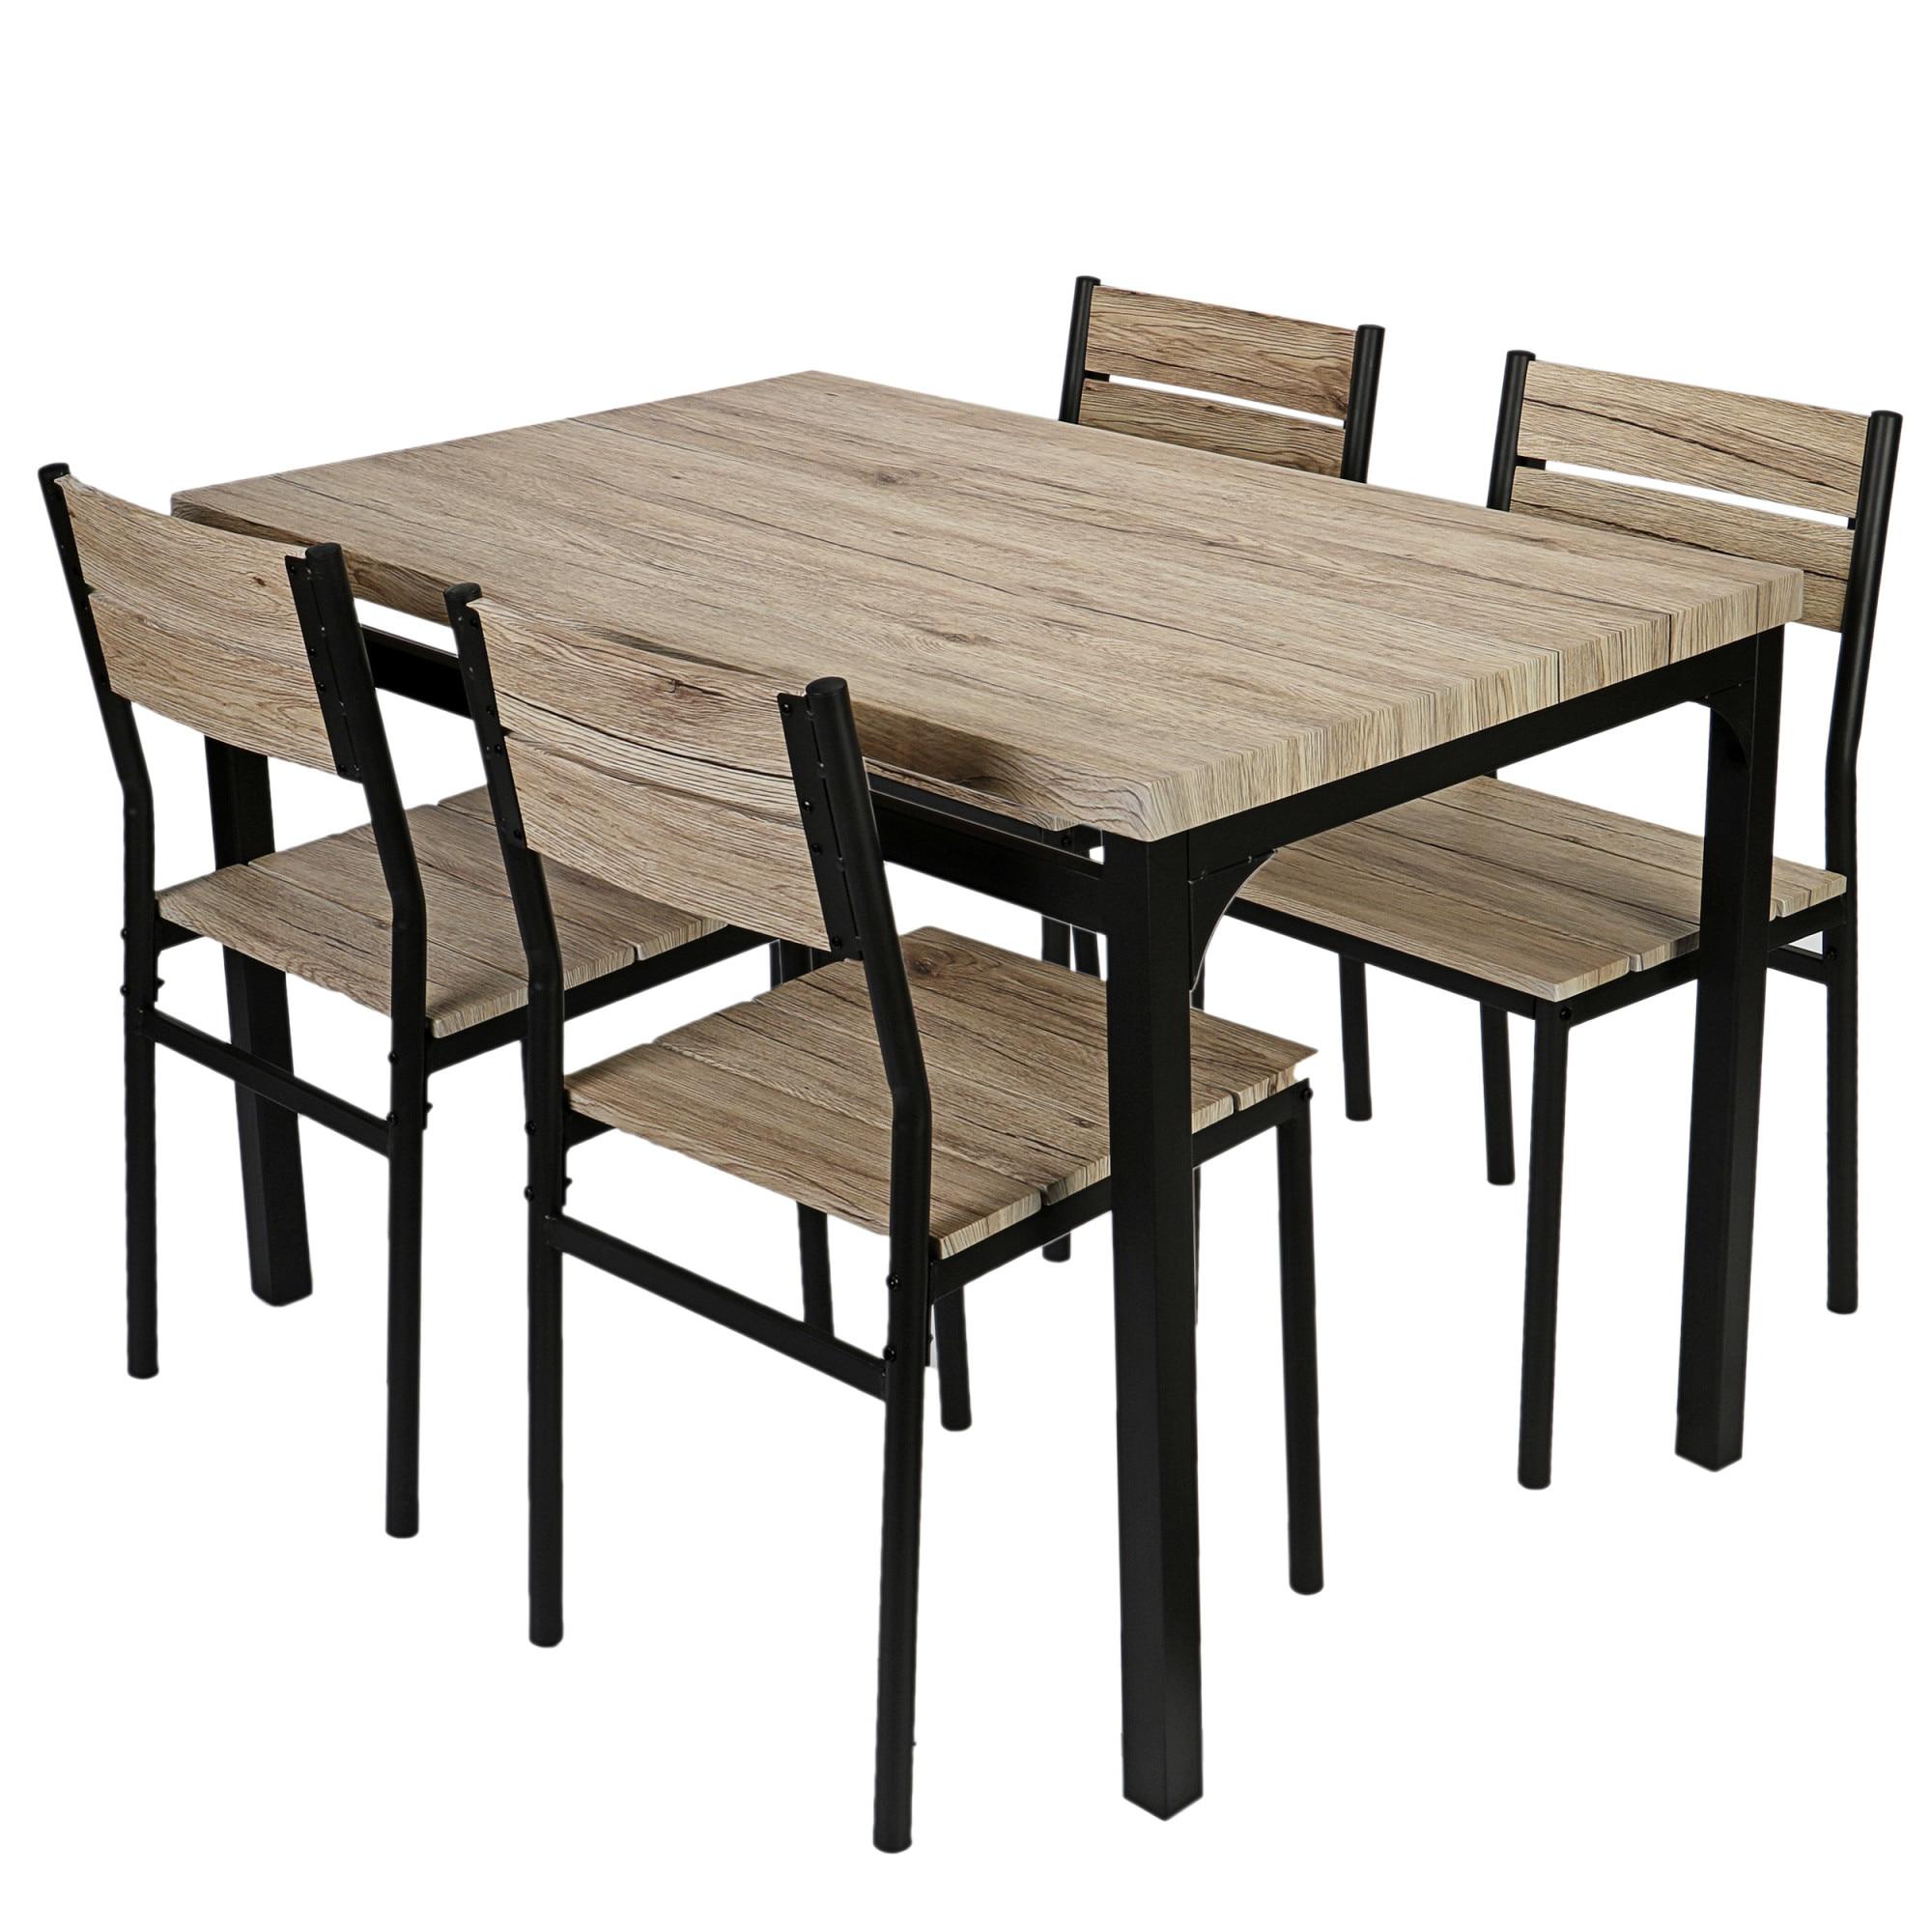 Találja meg a stílusához illő asztalokat, székeket és étkező garnitúrákat